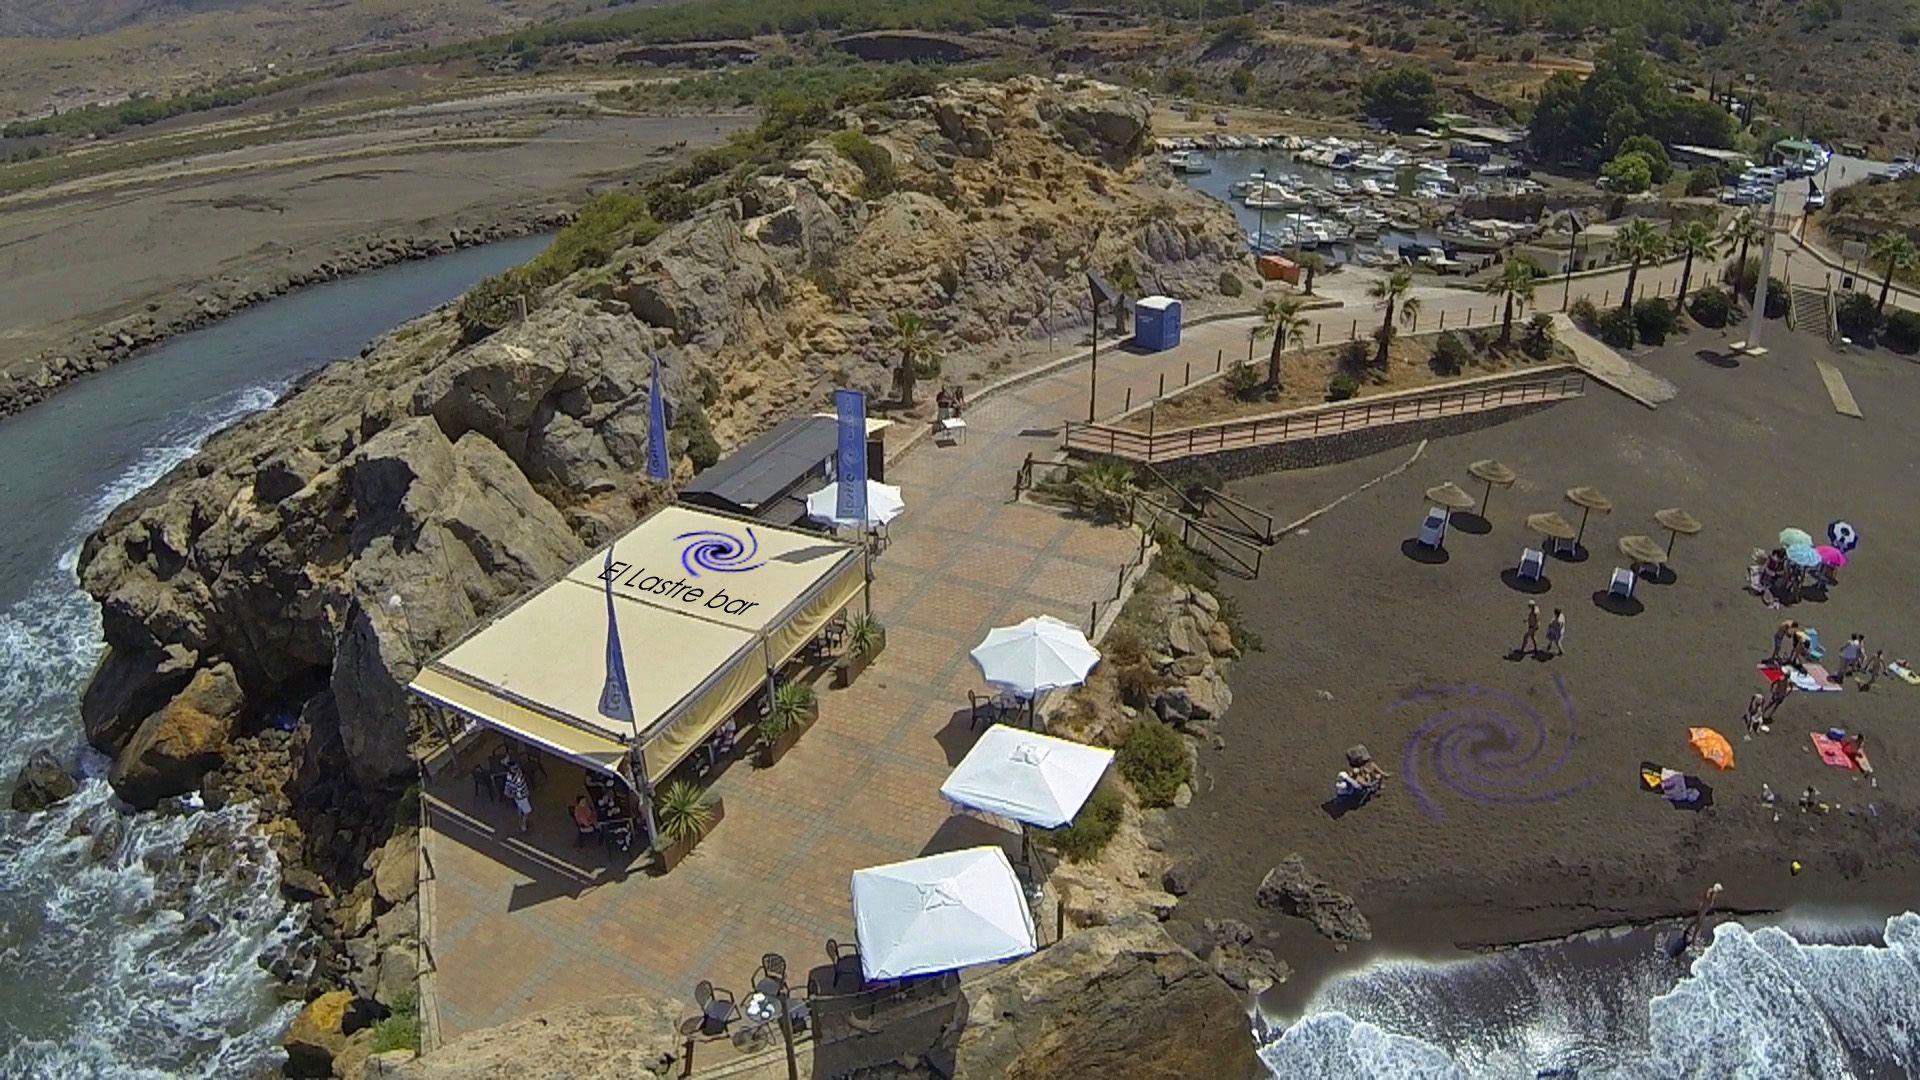 Foto Aerea Espectacula De El Lastre Bar Con El Embarcadero De Portman La Union Playa Bar Embarcadero